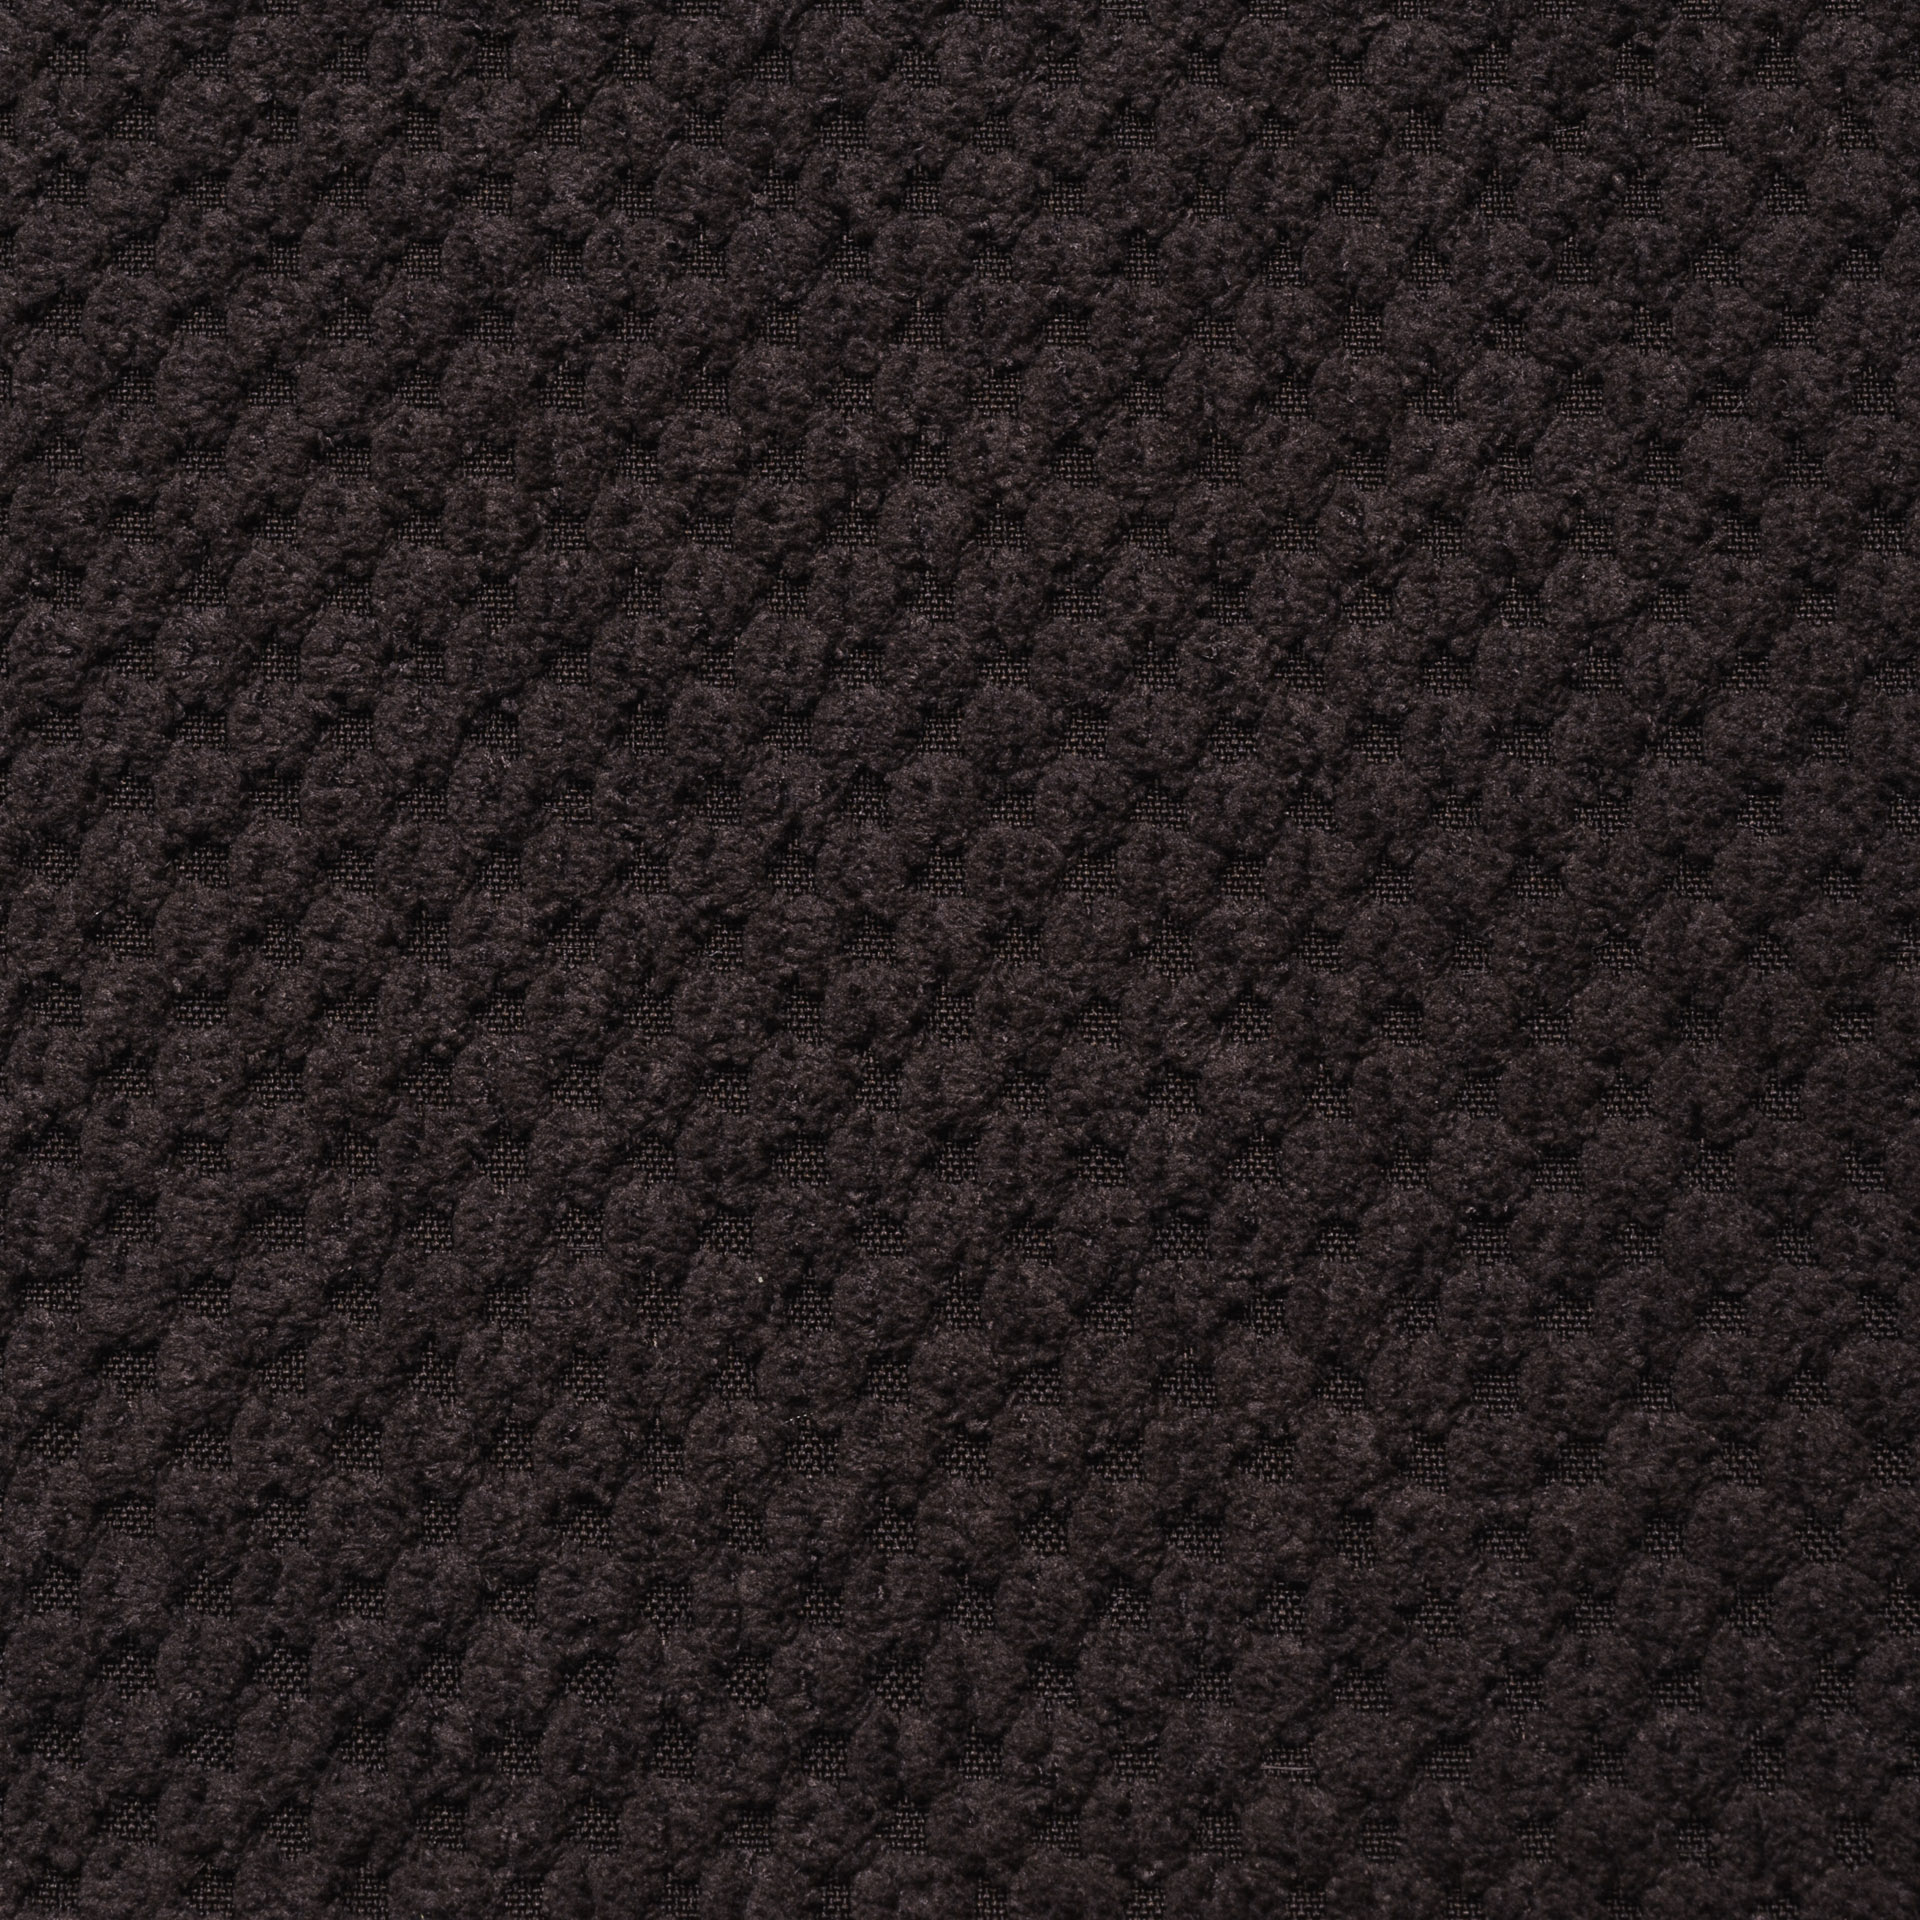 Коллекция ткани Дорис 28,  купить ткань Велюр для мебели Украина